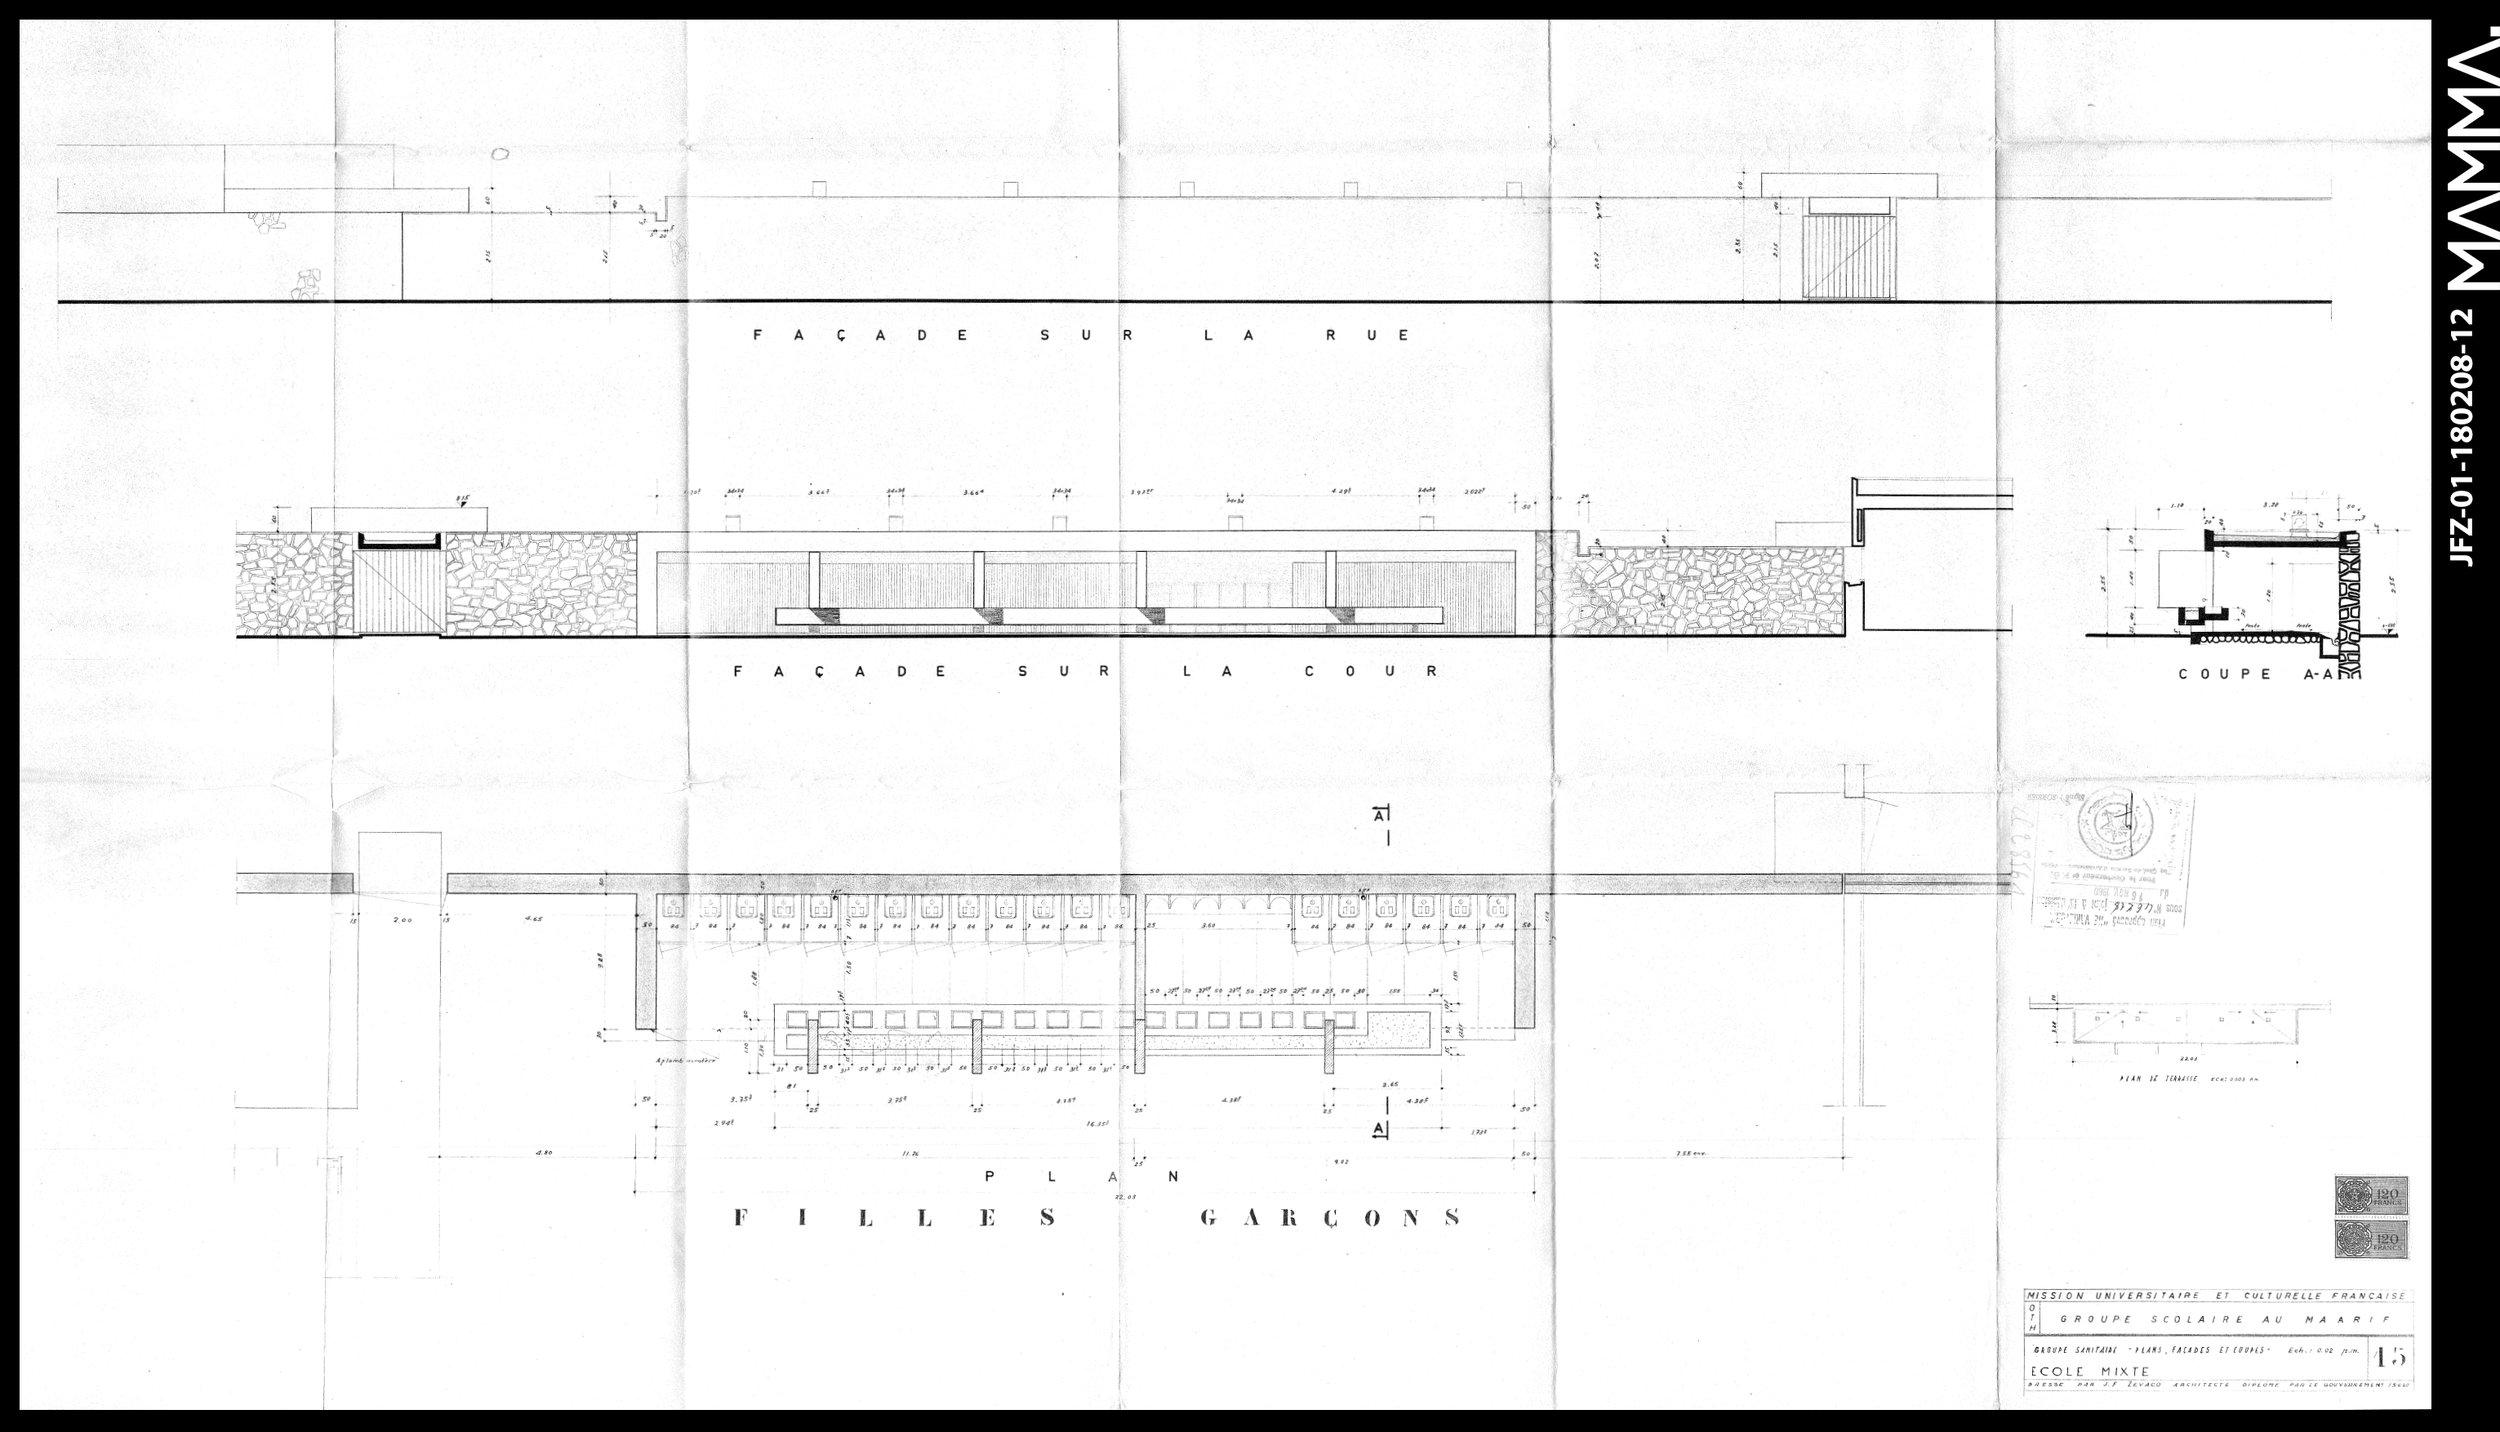 1960-Groupe Scolaire au Maarif (Ecole Théophile Gauthier)   Agence: Jean François Zevaco  Contenu: Plan, Façade, Coupe - Groupe Sanitaires  Dimensions: 120,6 x 70,6 cm  © MAMMAARCHIVE   Réf: MAMMA-JFZ-01-180208-12